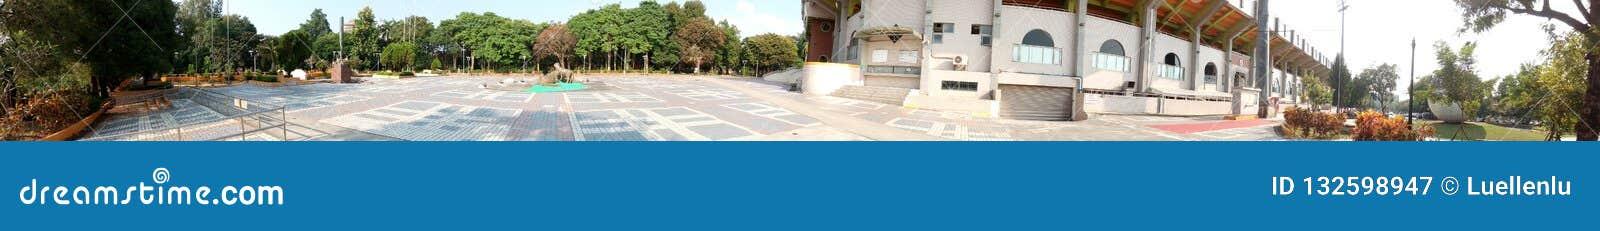 Panorama - plaza fuera del estadio de béisbol de la ciudad de Chiayi